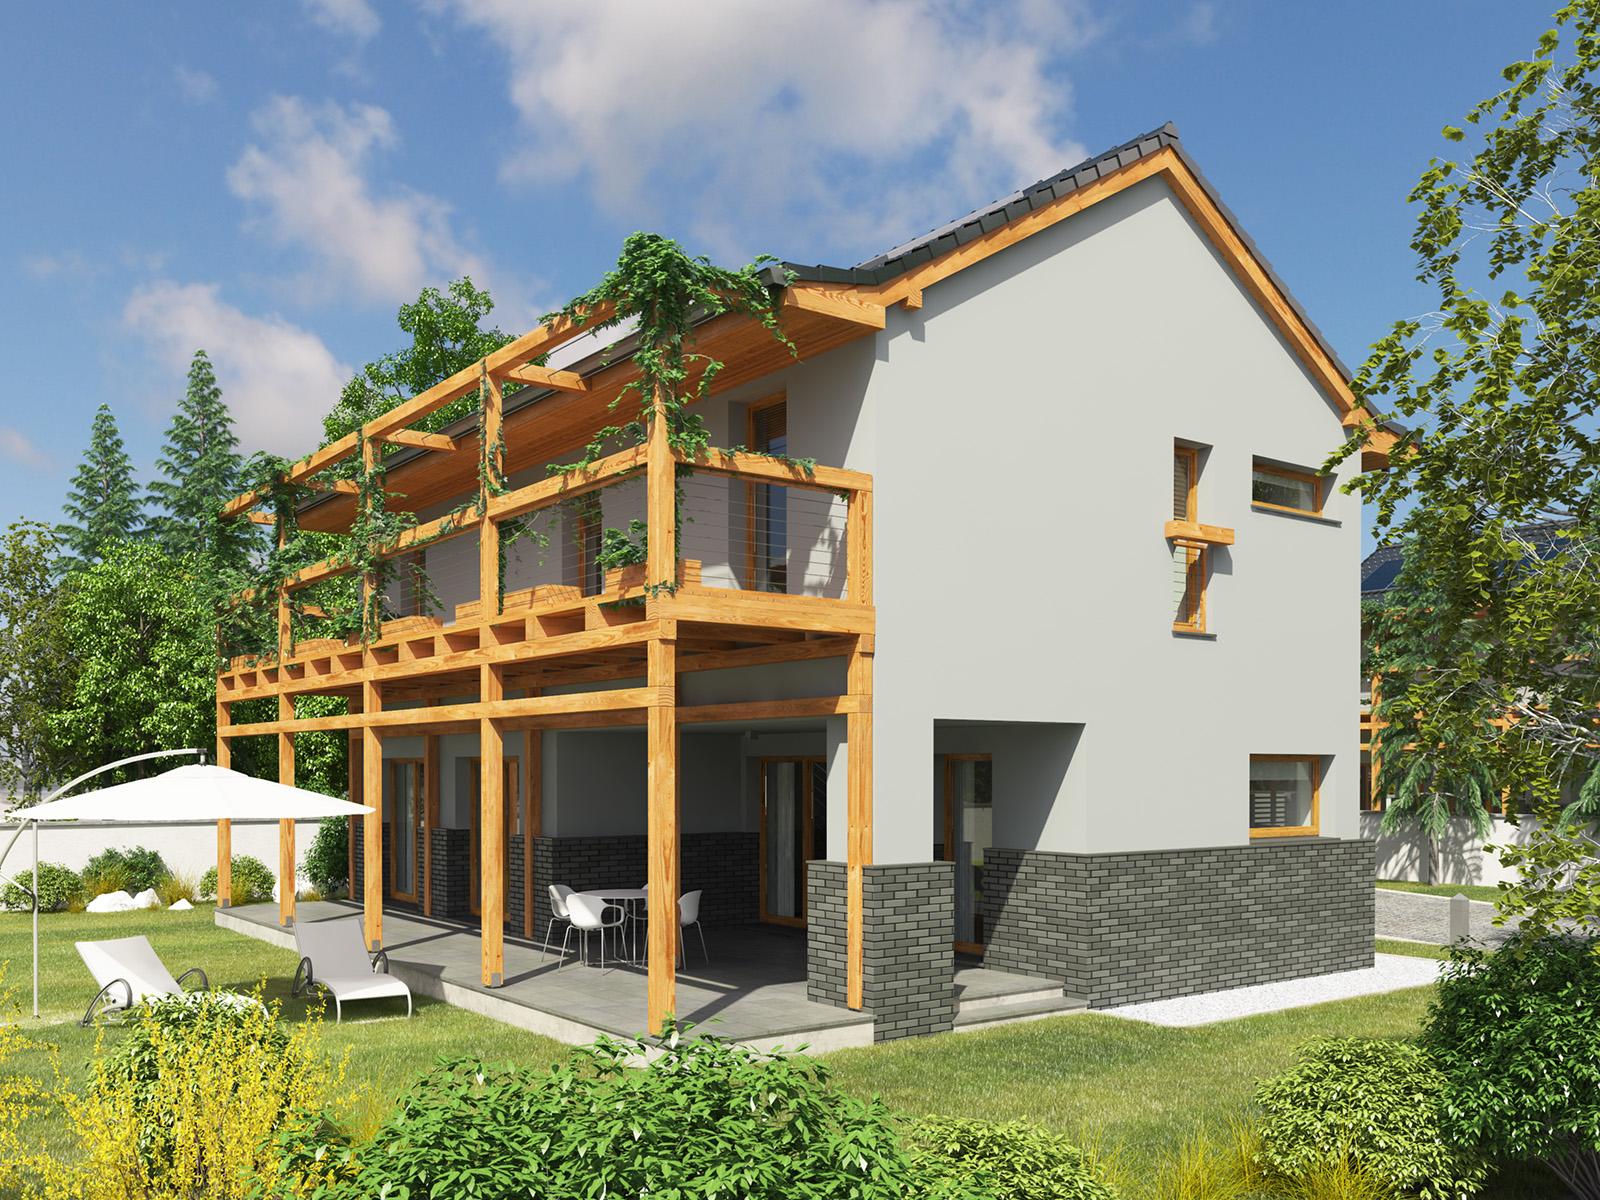 Projekt domu BALKONOWY Domy Czystej Energii widok od ogrodu i z boku